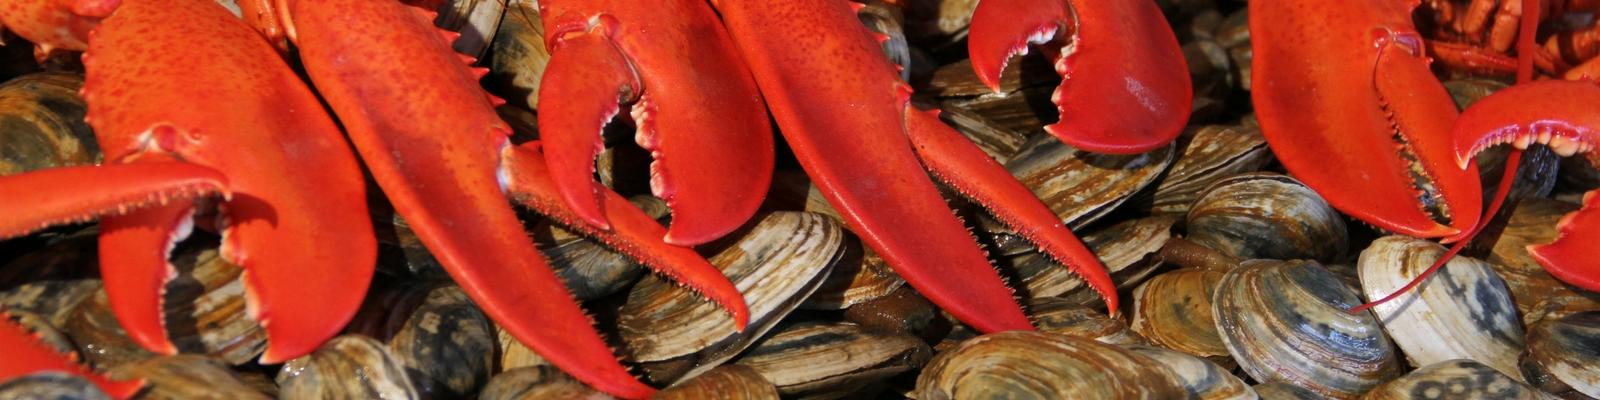 Seafood lobster steamers